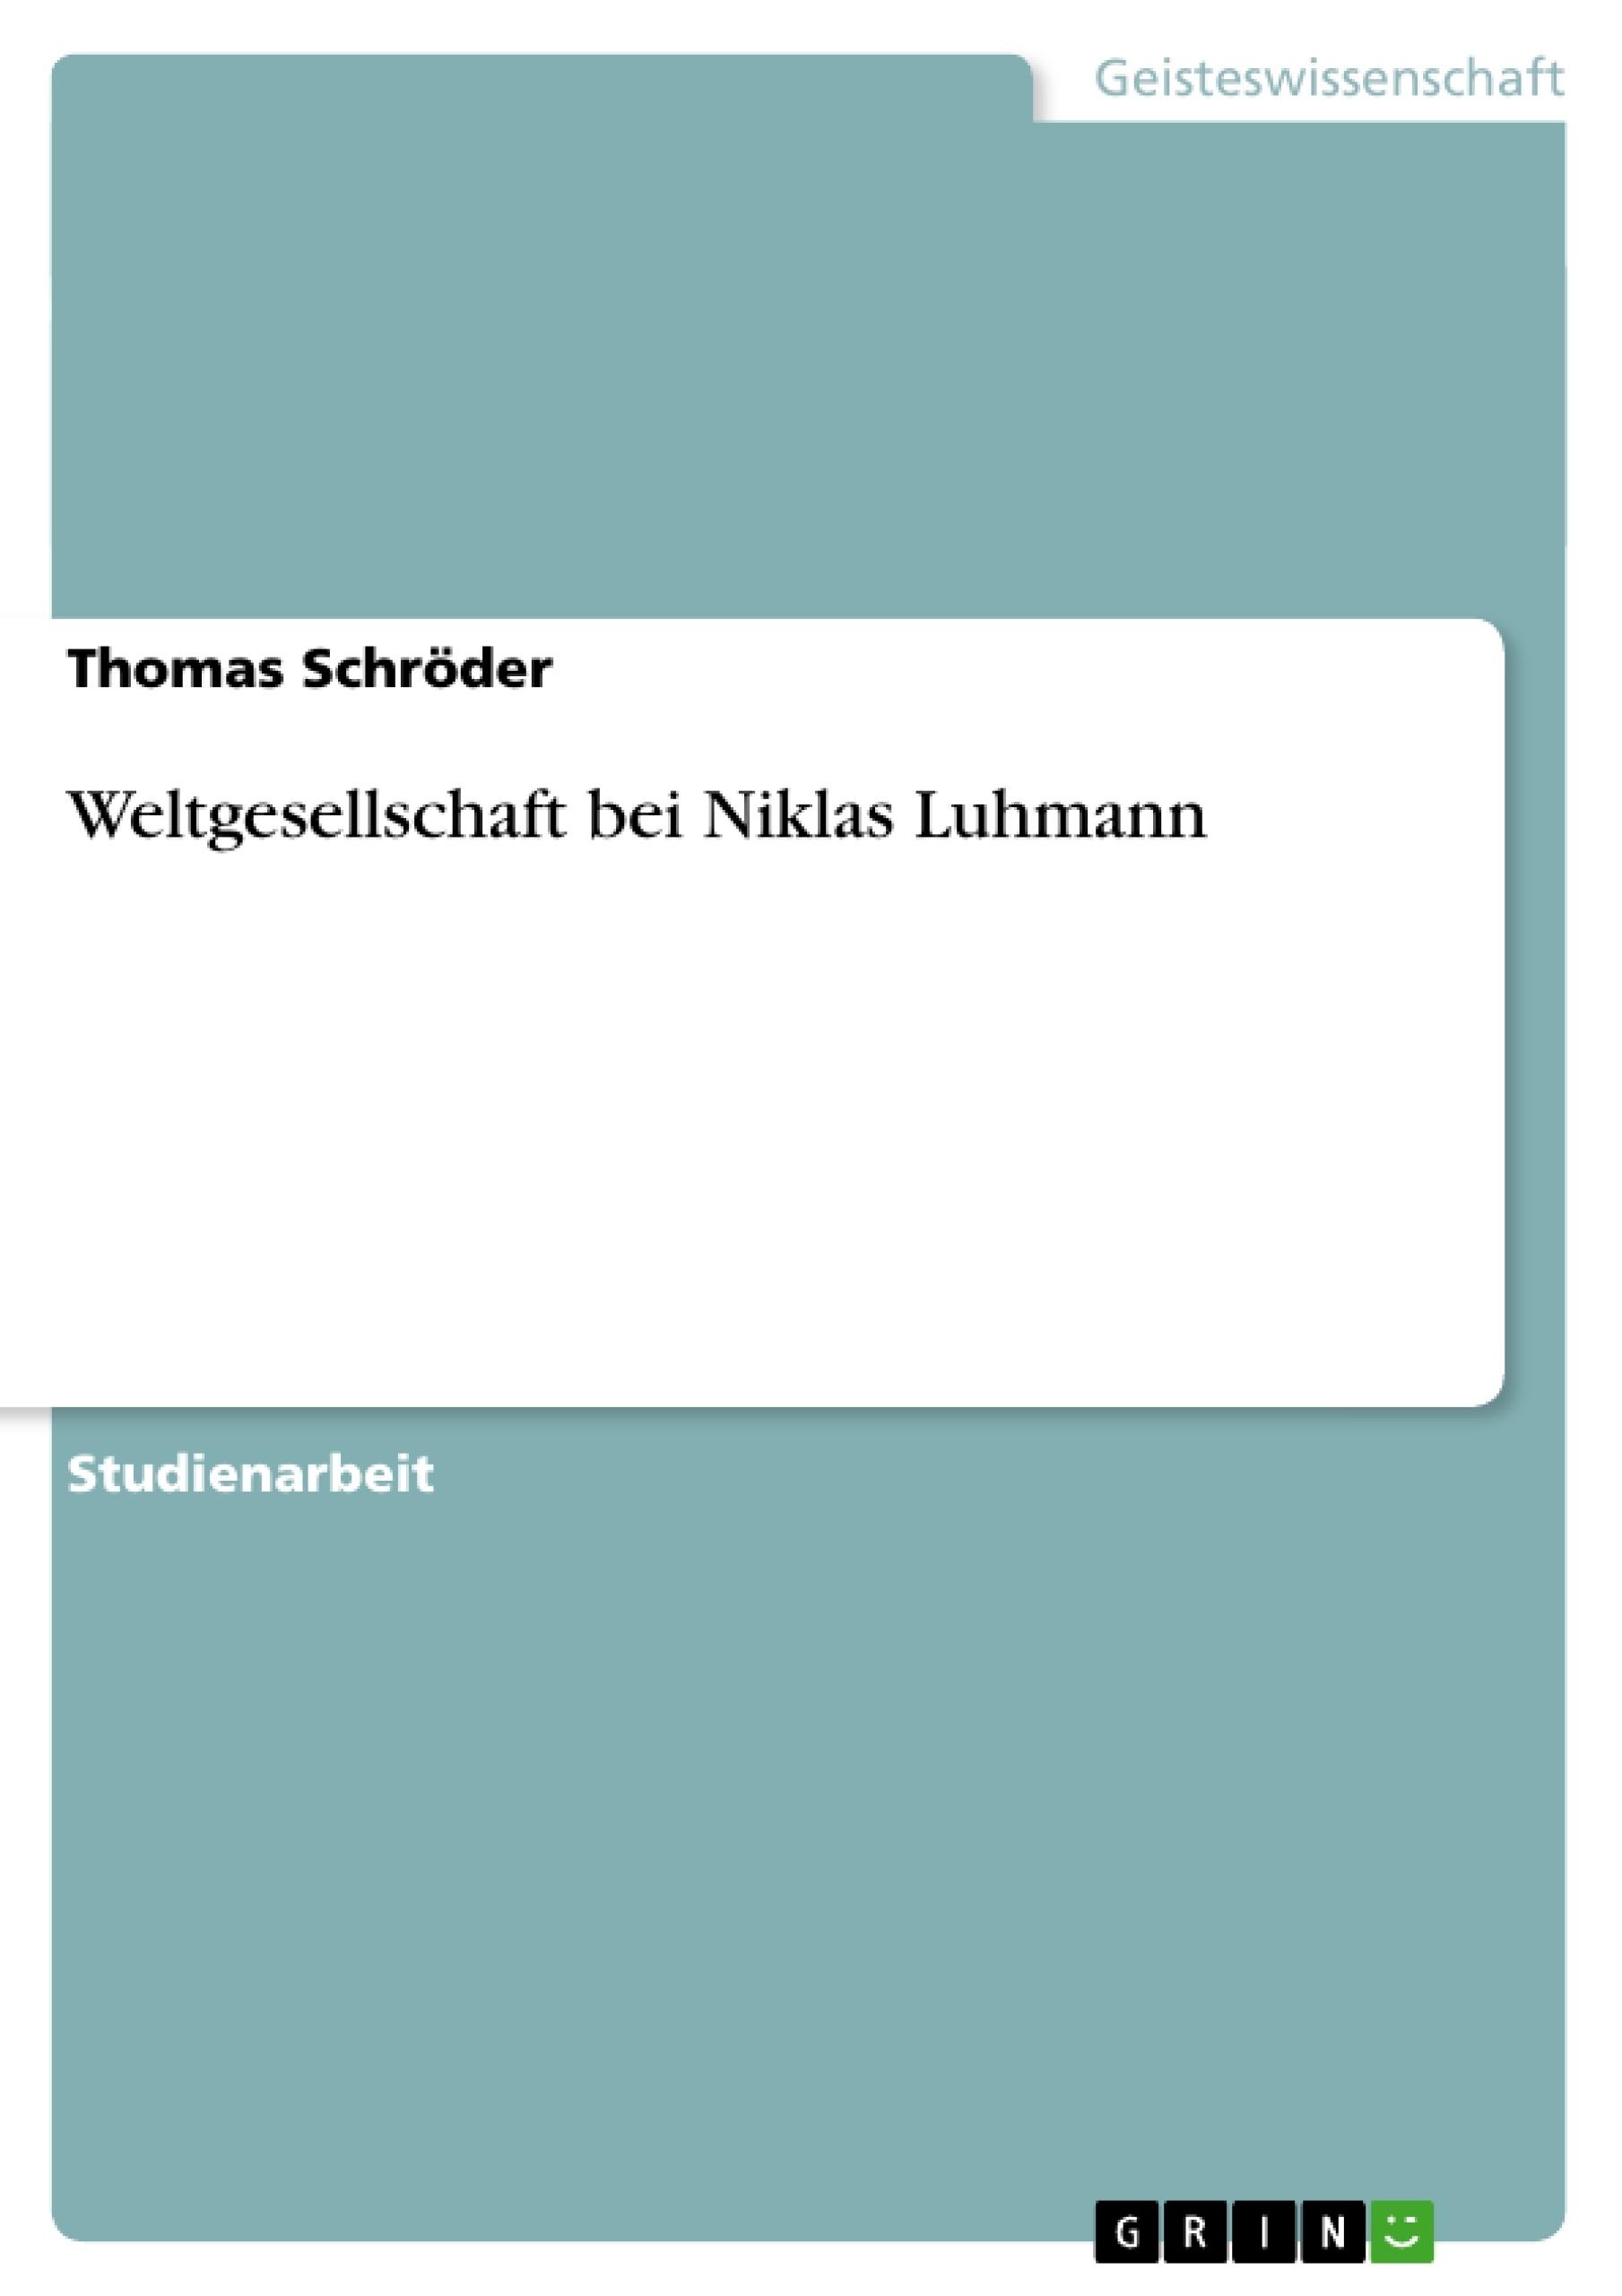 Titel: Weltgesellschaft bei Niklas Luhmann